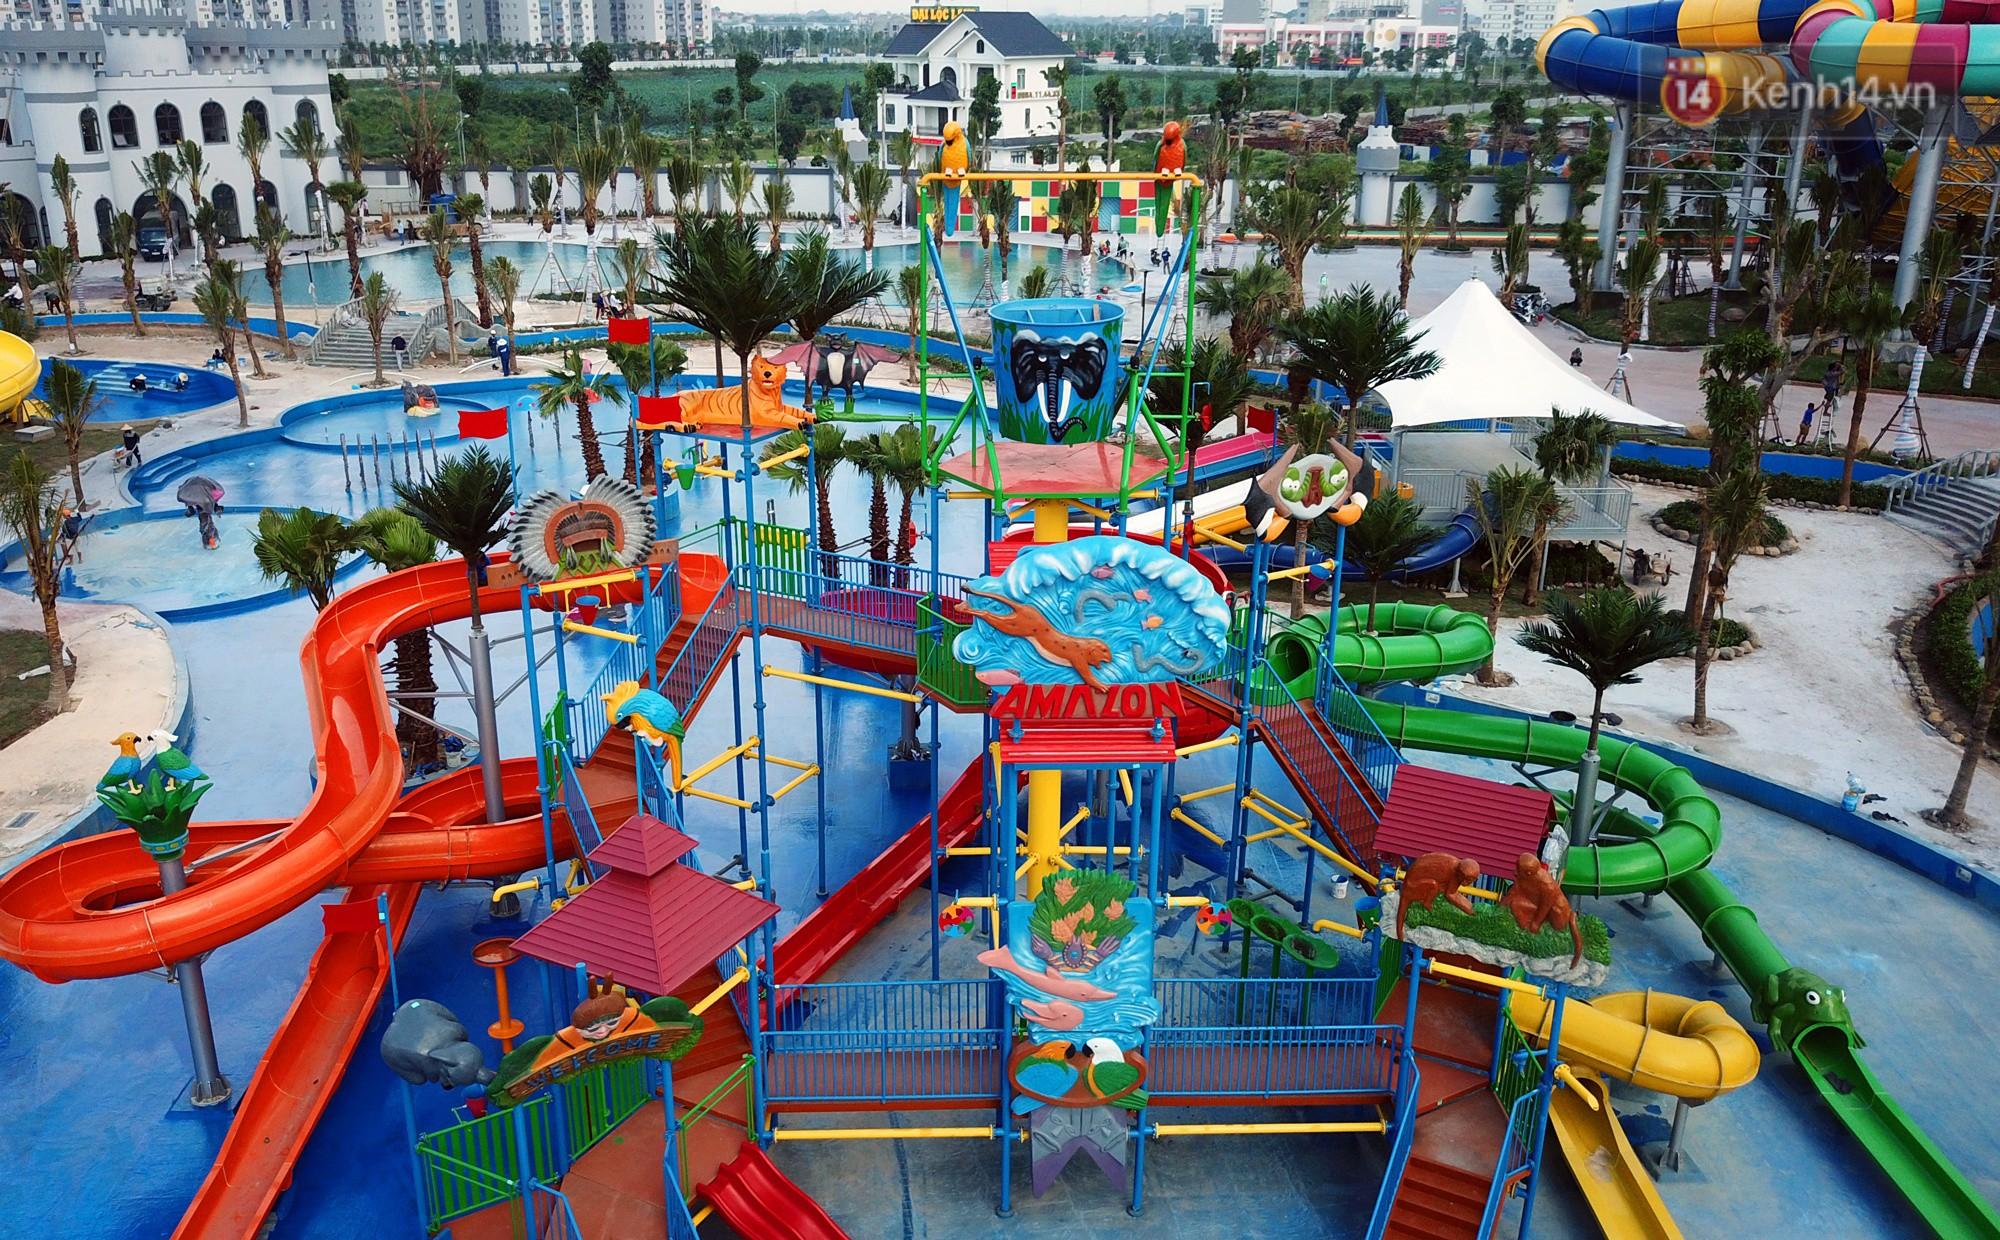 Cận cảnh công viên nước hiện đại nhất Thủ đô sắp được khai trương - Ảnh 6.